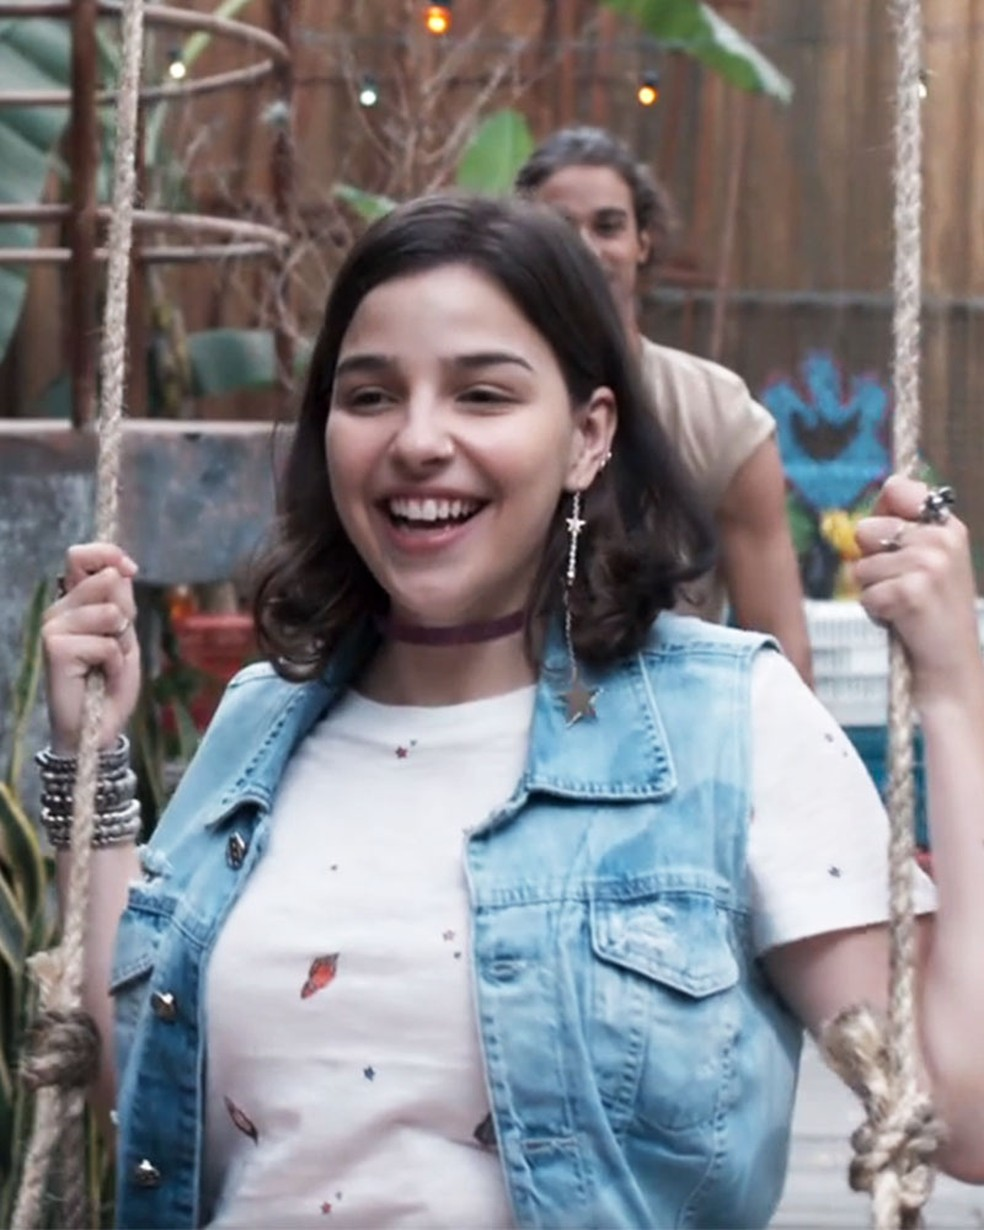 Keyla (Gabriela Medvedovski) ama o presente de Deco (Pablo Morais) em 'Malhação - Viva a Diferença' — Foto: Globo